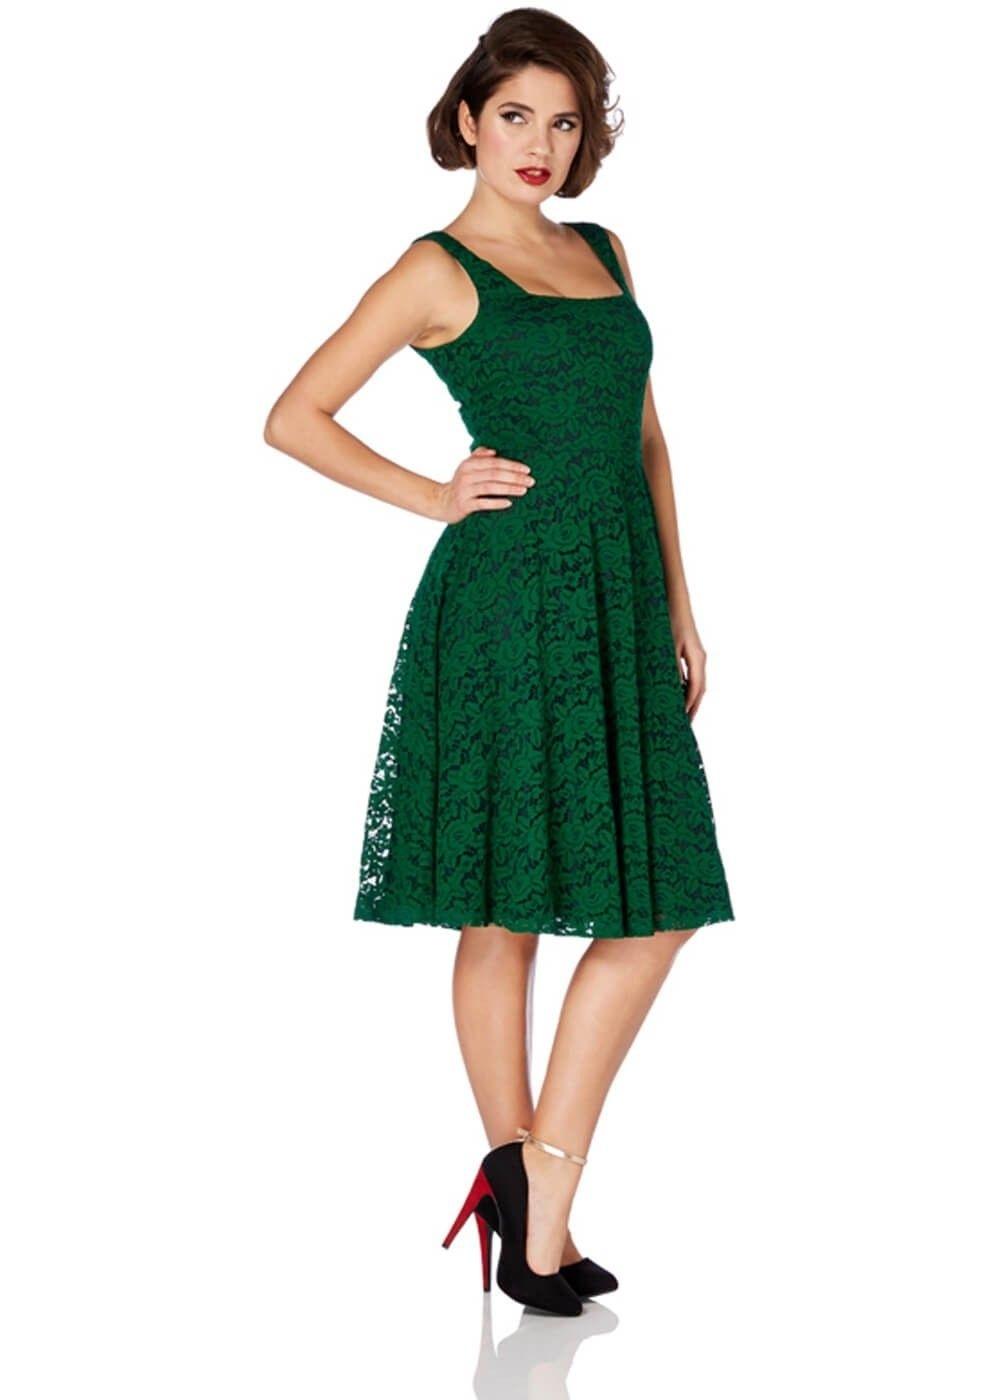 17 Schön Grünes Kleid Mit Spitze Boutique10 Kreativ Grünes Kleid Mit Spitze Vertrieb